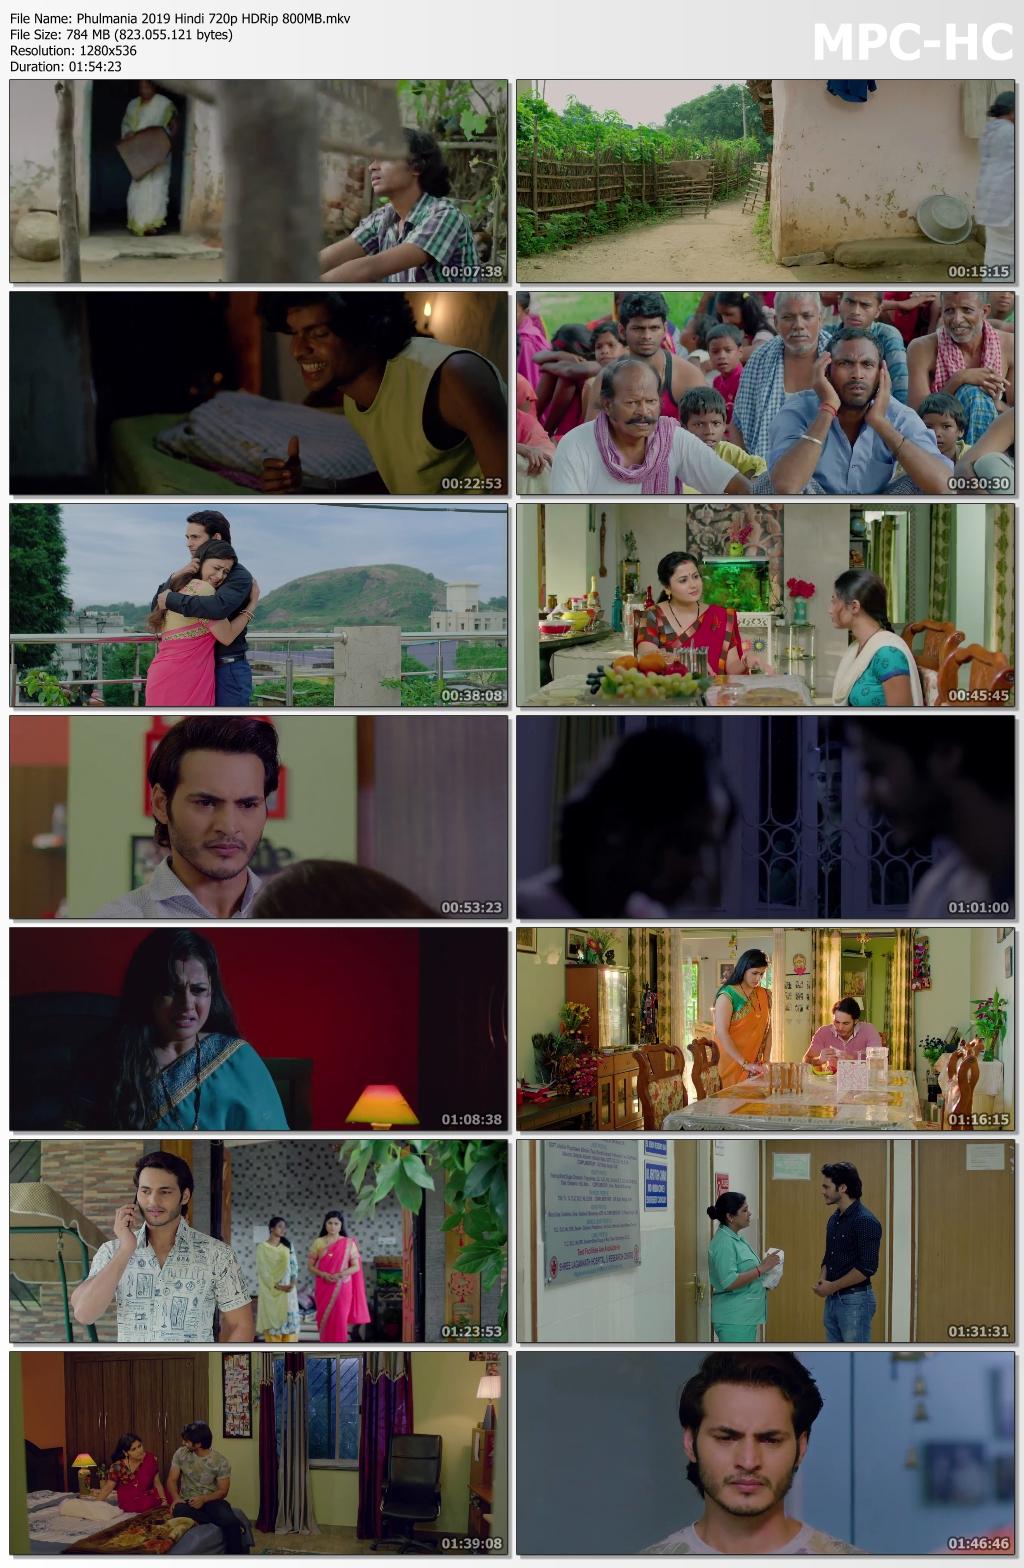 Phulmania-2019-Hindi-720p-HDRip-800-MB-mkv-thumbs